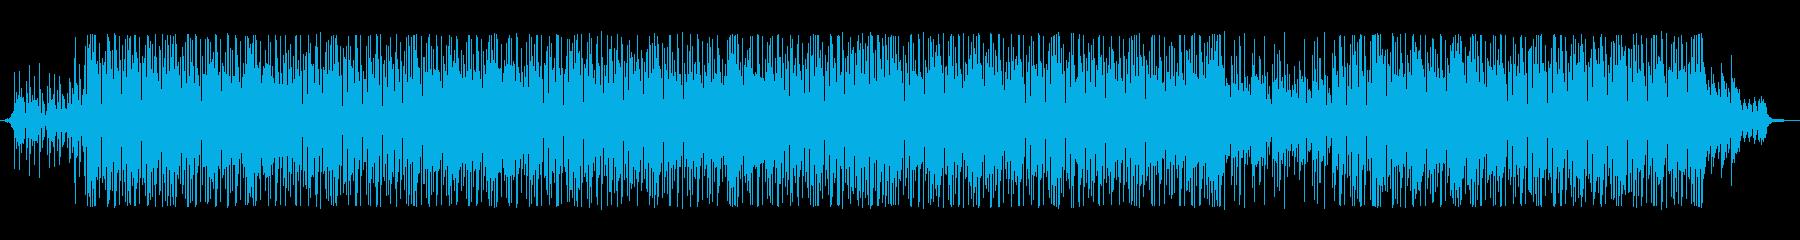 ポップ サスペンス 感情的 繰り返...の再生済みの波形